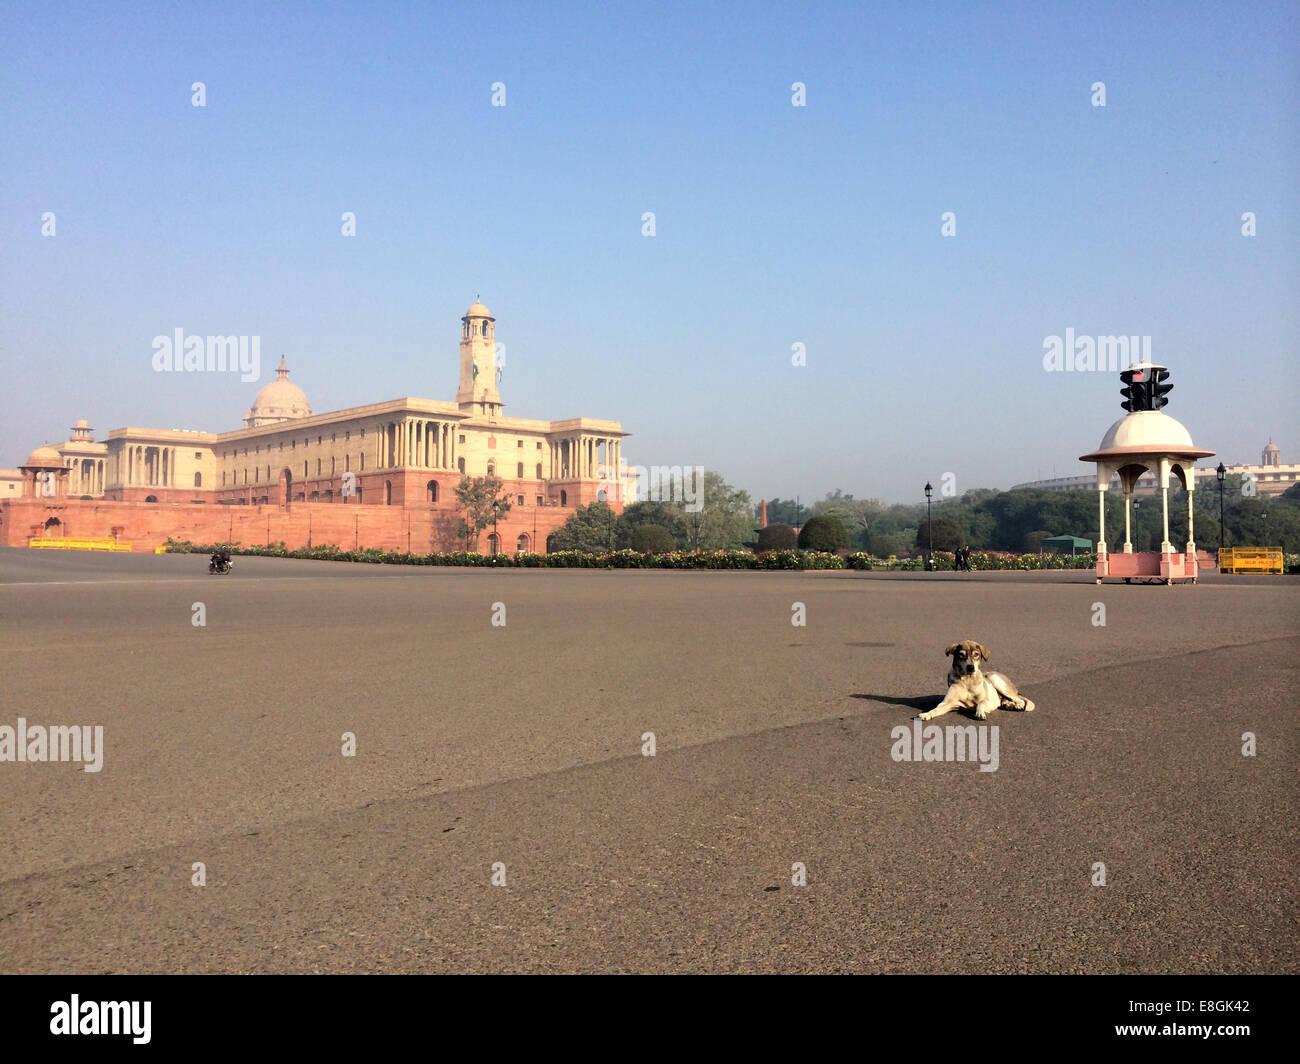 L'Inde, New Delhi, Vijay Chowk, un chien est assis au milieu de la route Photo Stock